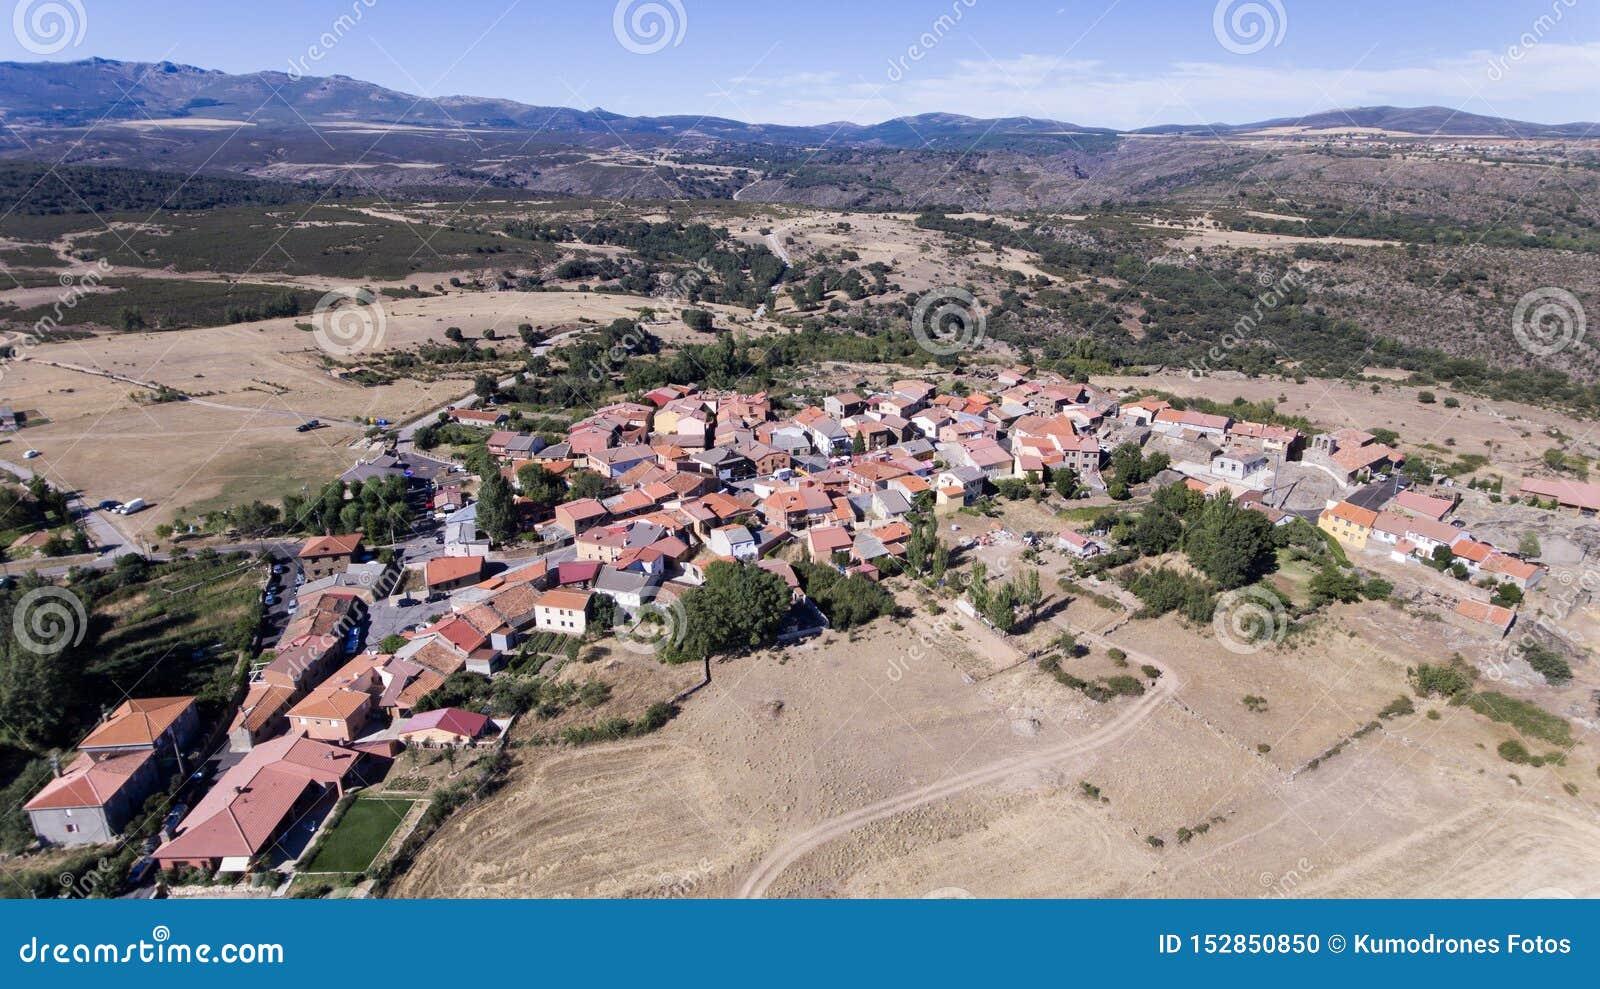 Town of Spain